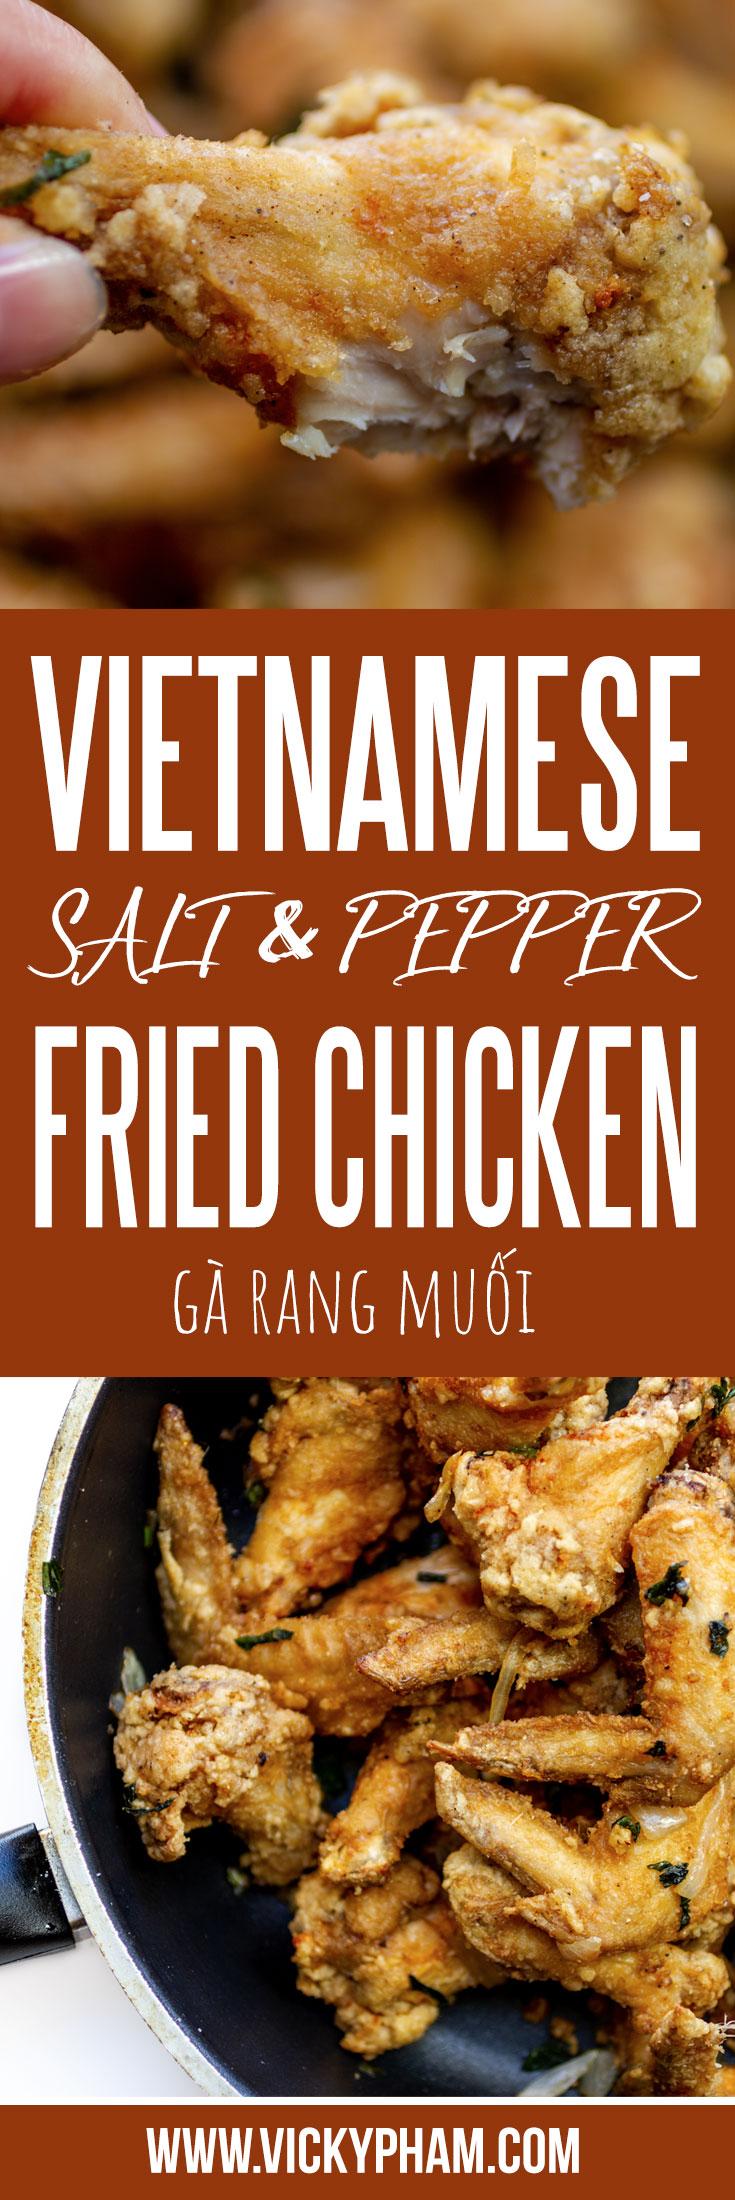 salt-pepper-chicken-ga-rang-muoi.jpg